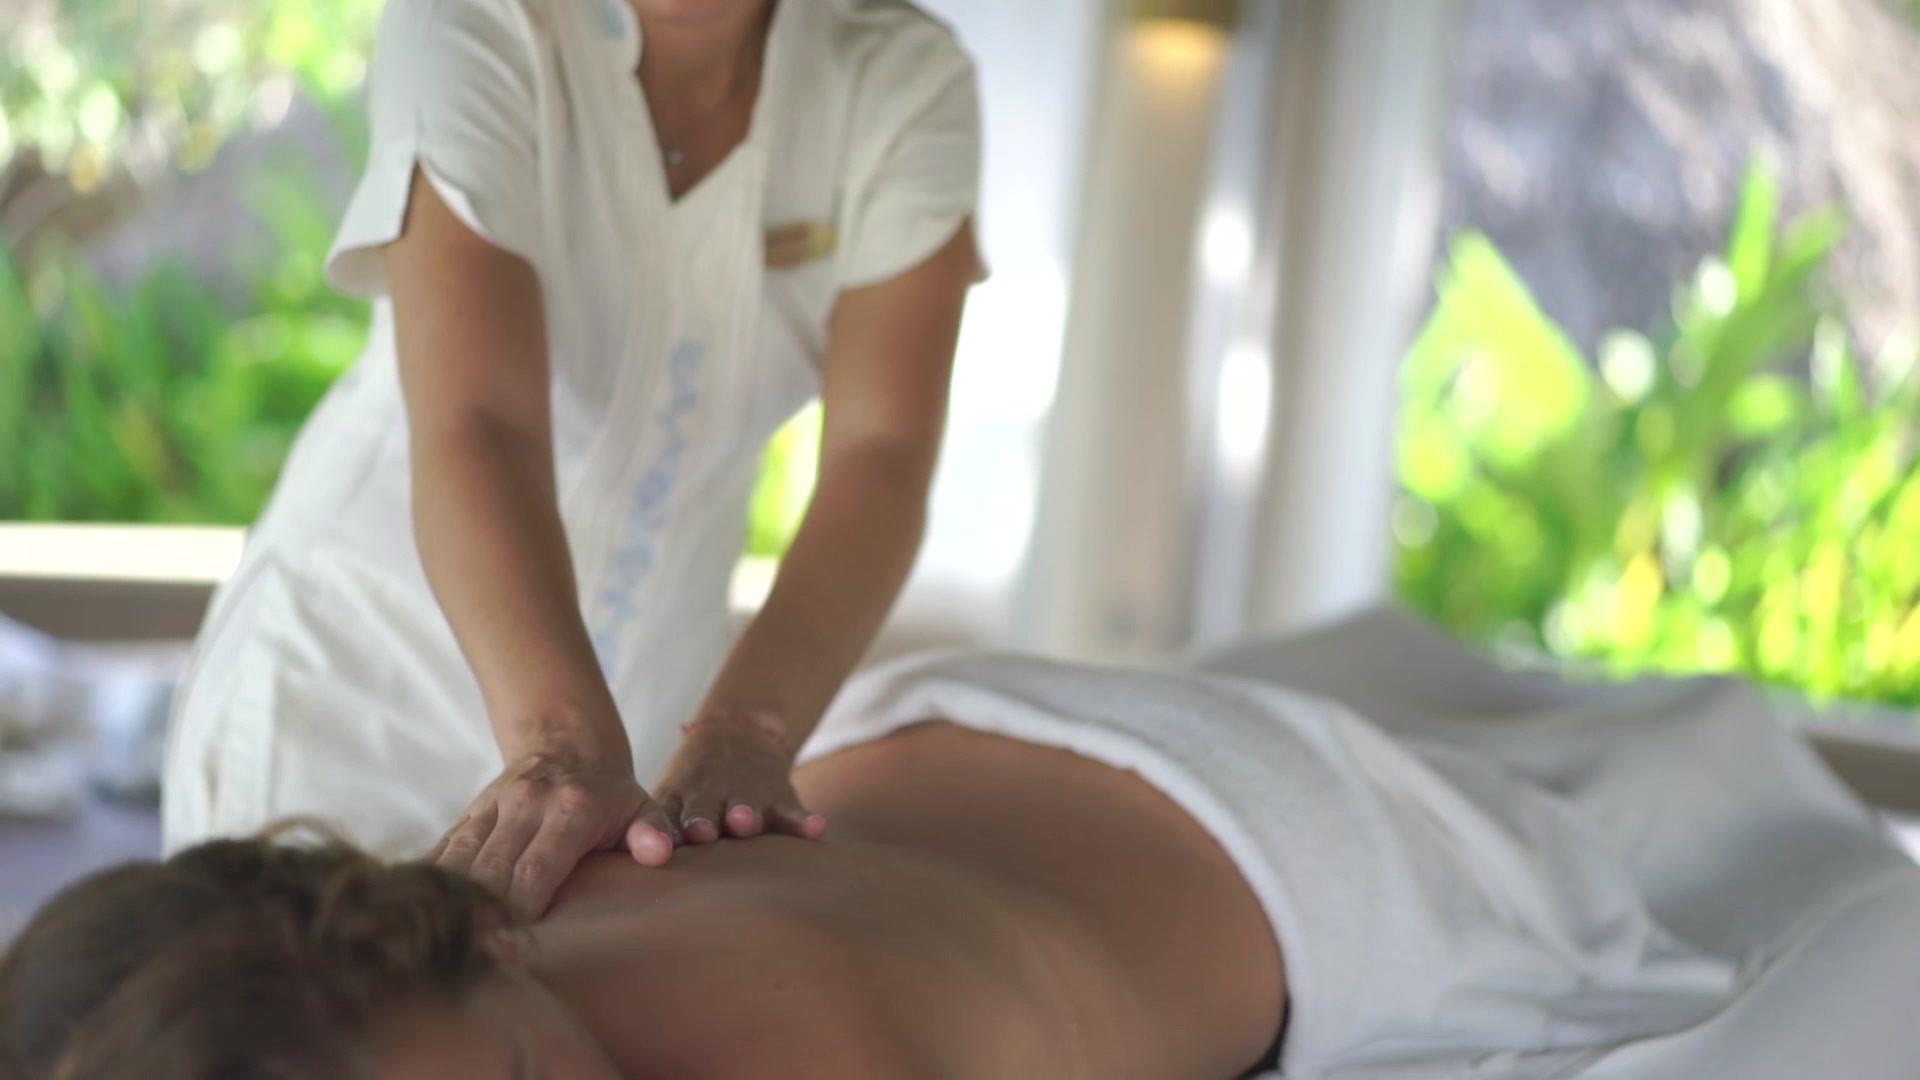 massage plus more in caldera